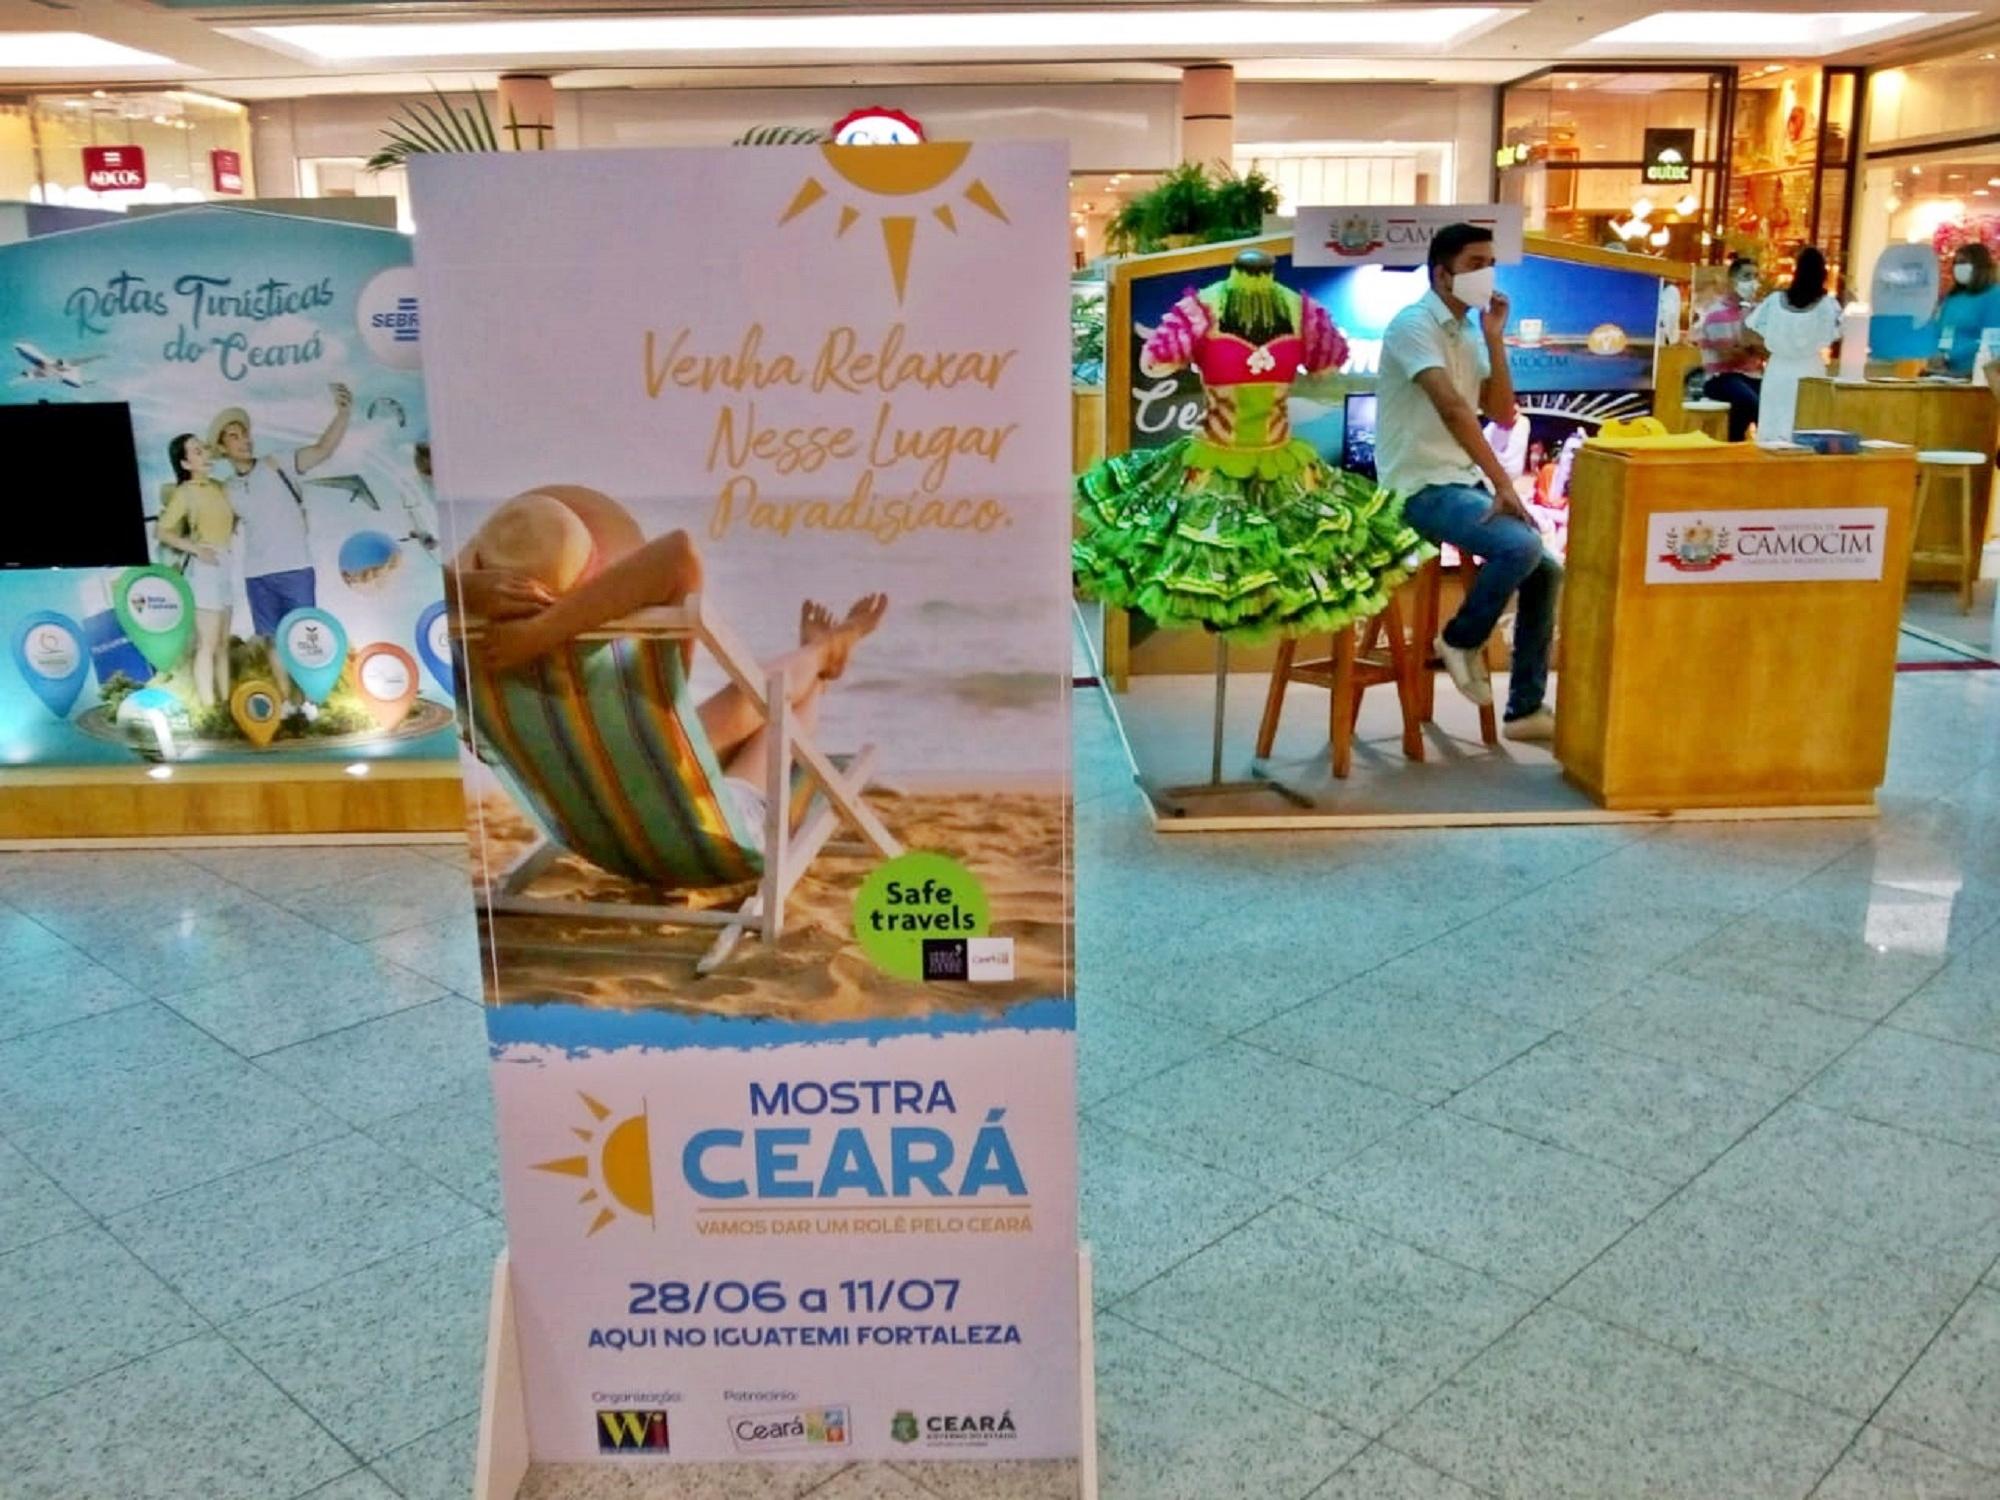 Depois do sucesso no Iguatemi Fortaleza, Mostra Ceará chega ao Rio de Janeiro.